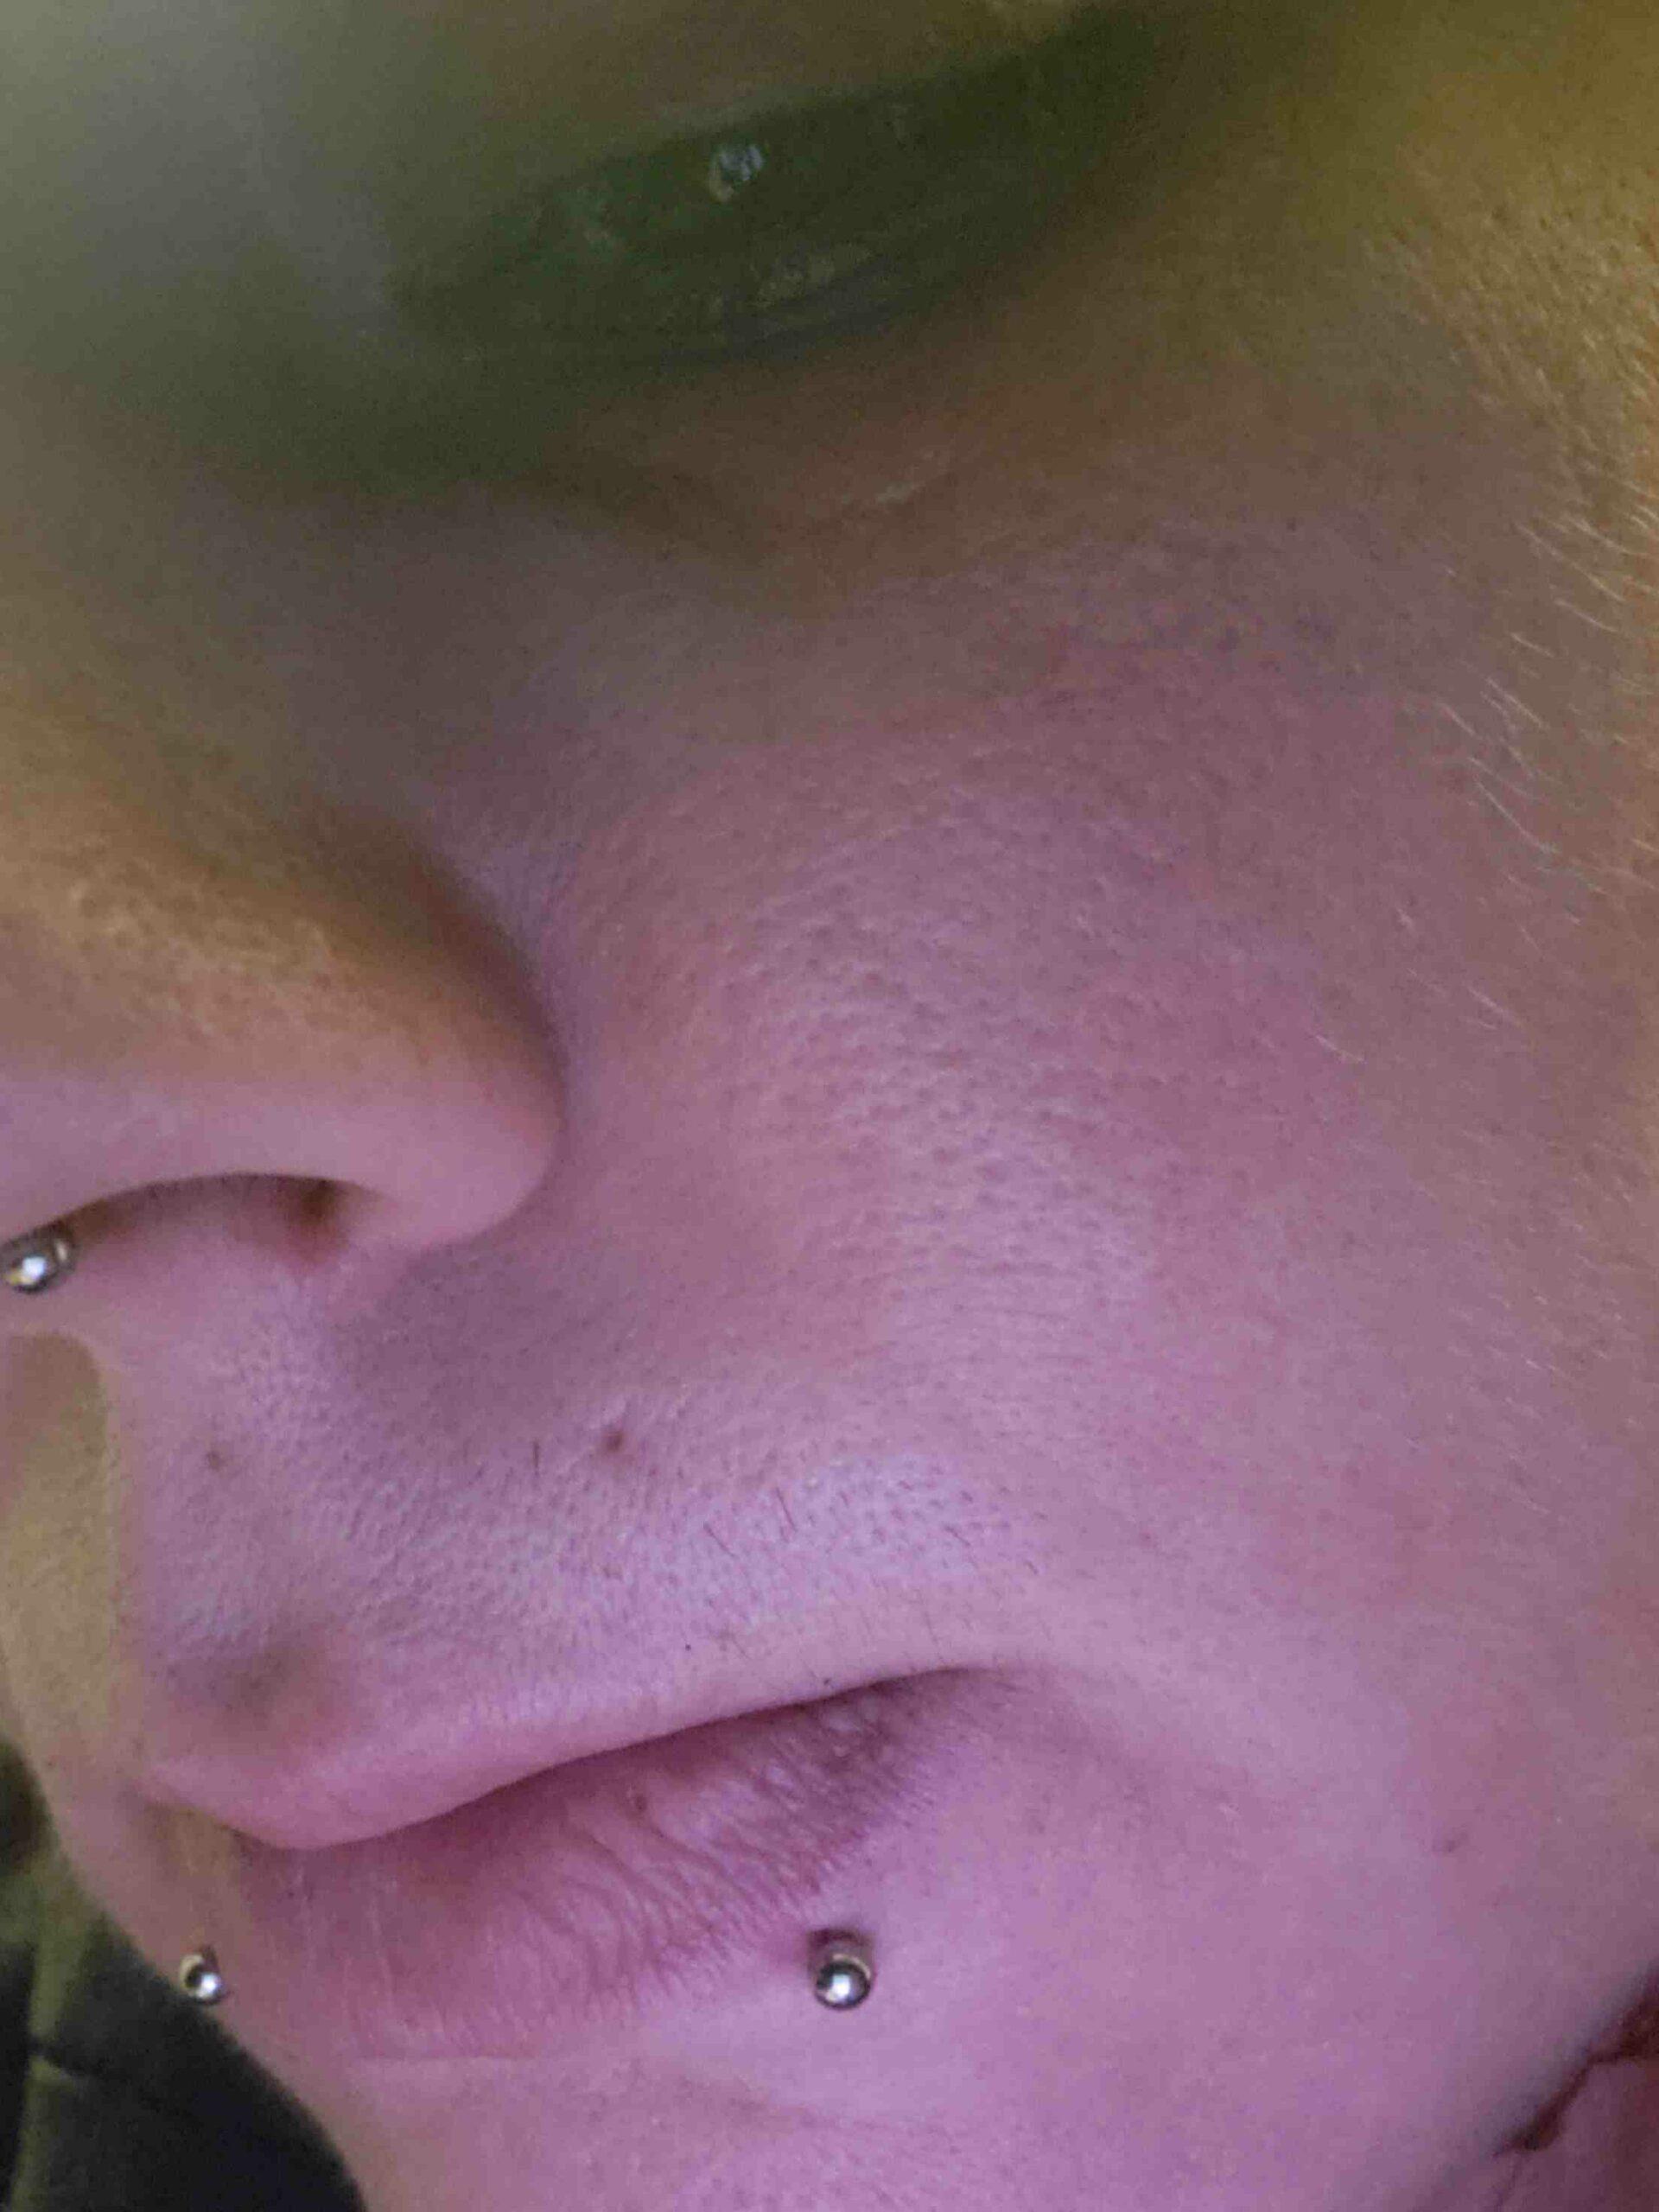 Comment éliminer une cicatrice causée par un piercing au nombril